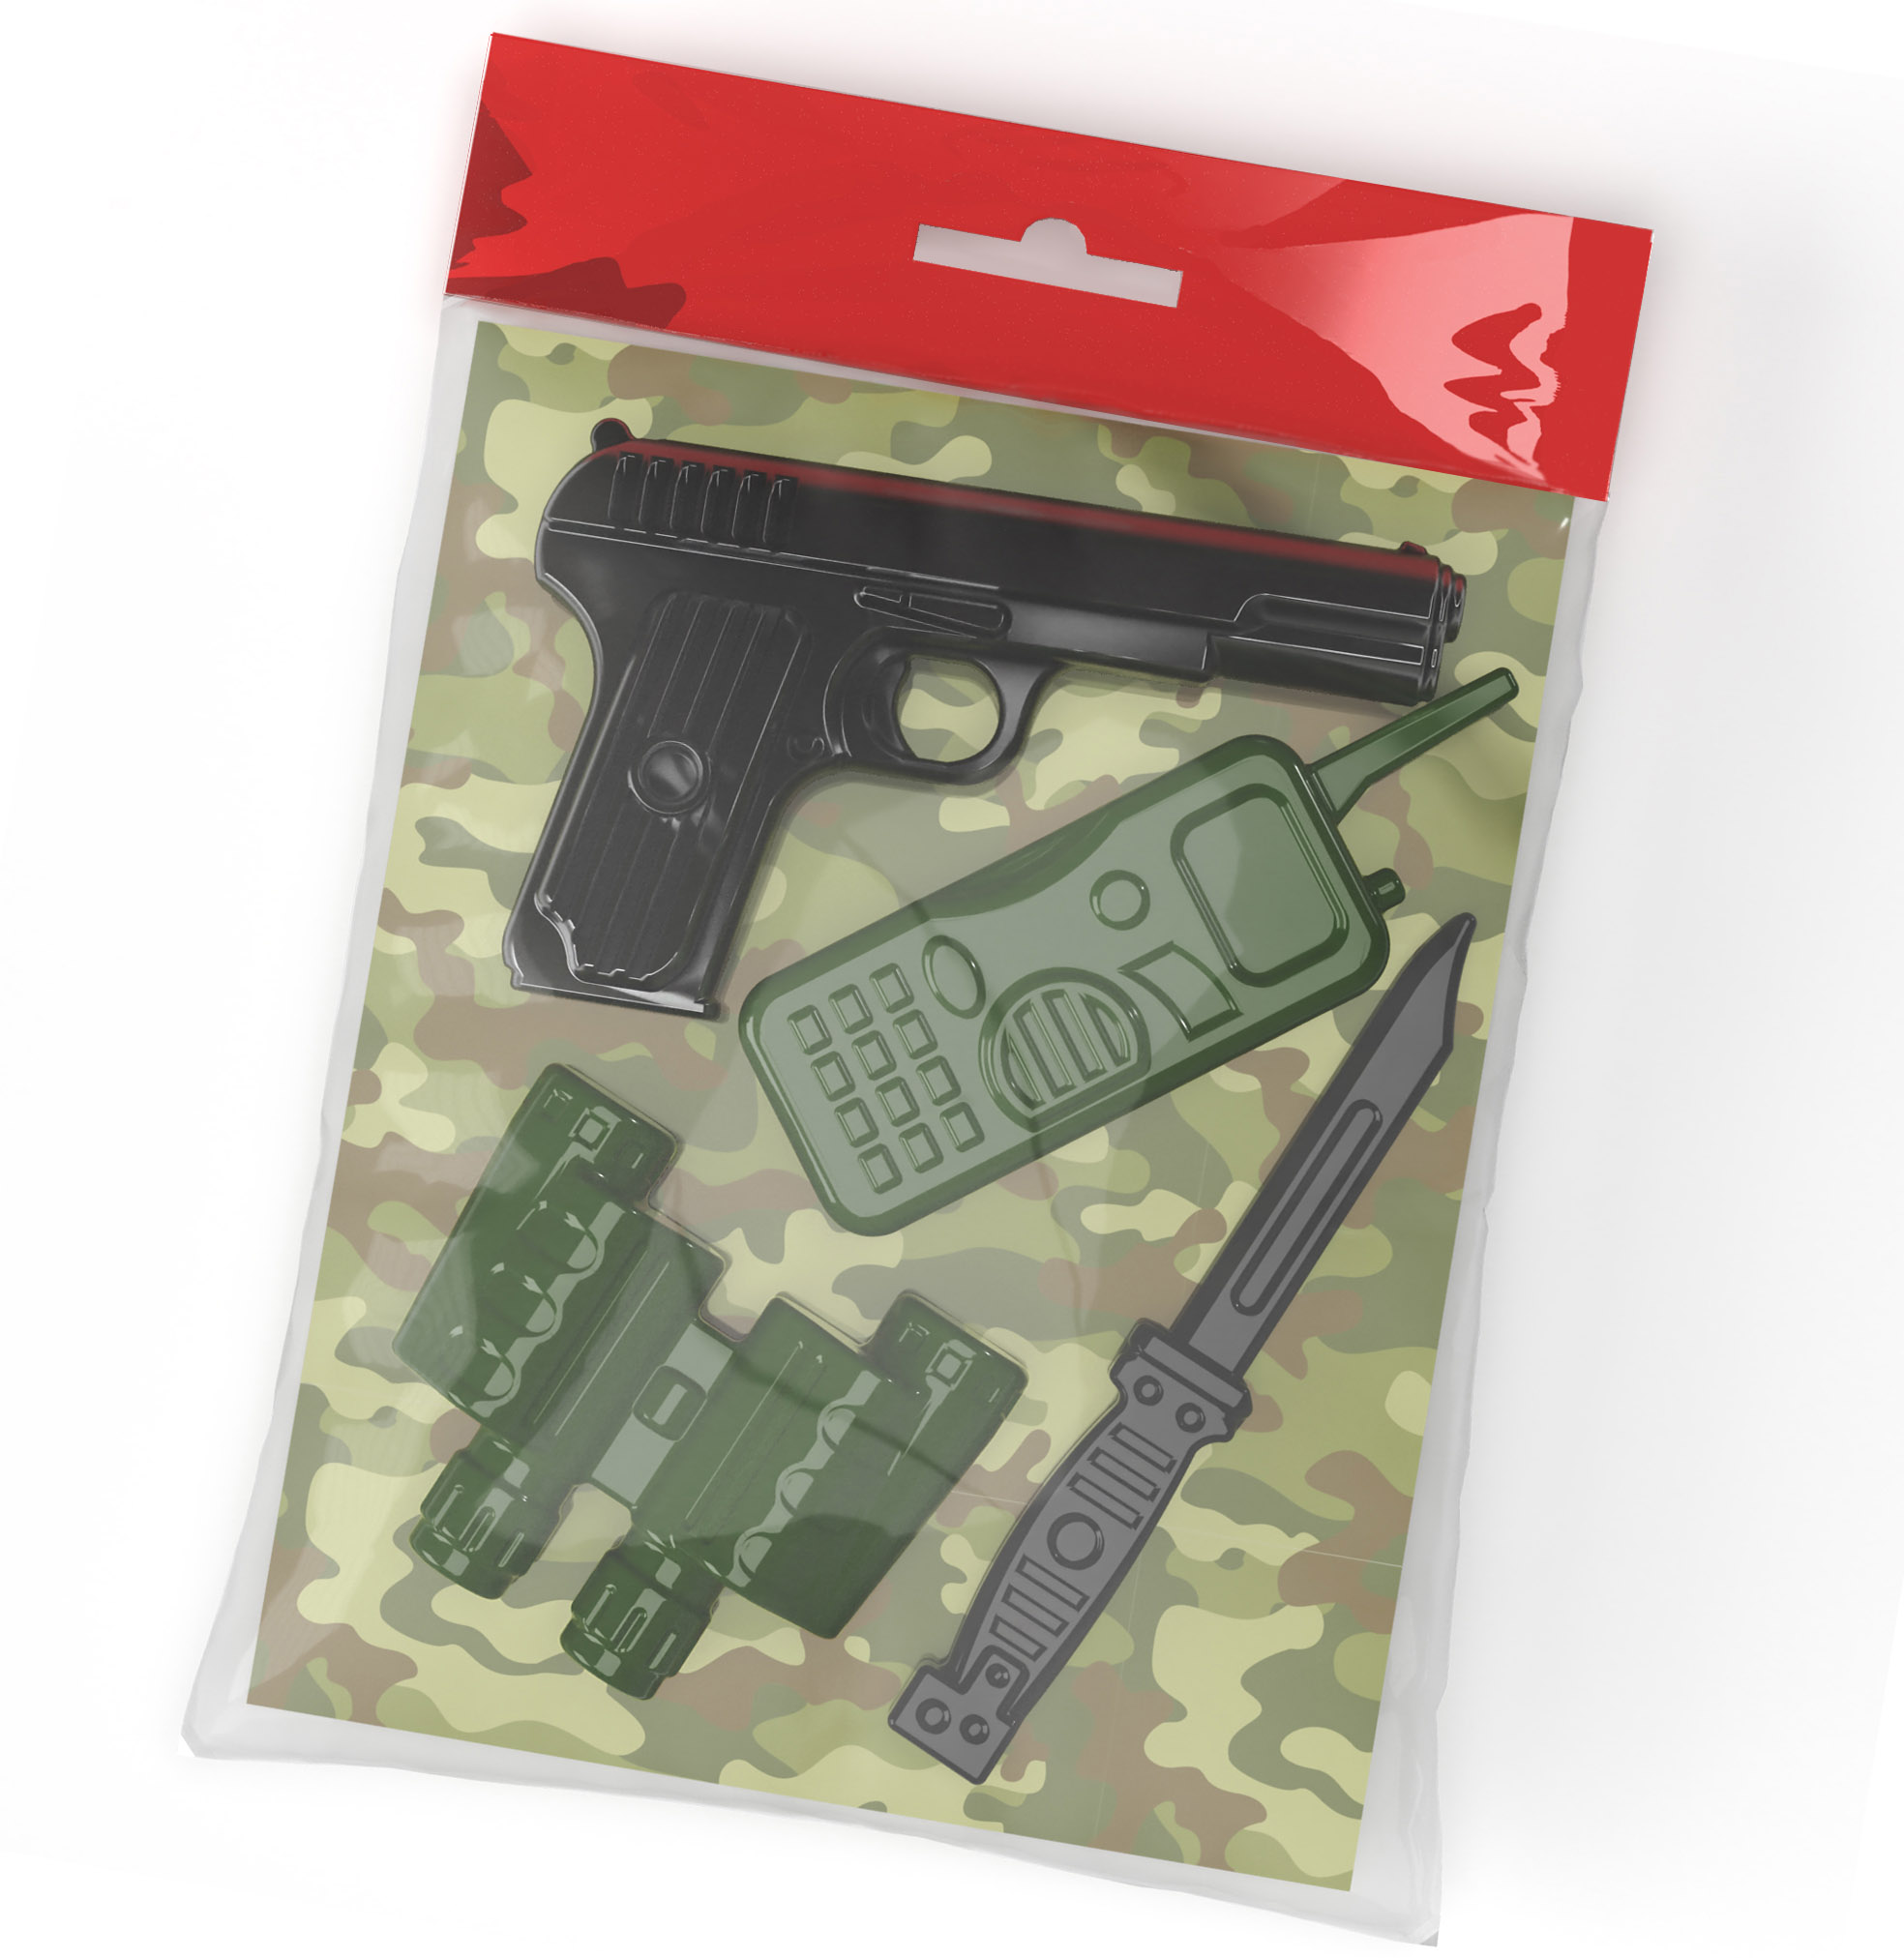 Десятое кор.   Оружие пласт. 02338 Пистолет, рация, бинокль, нож